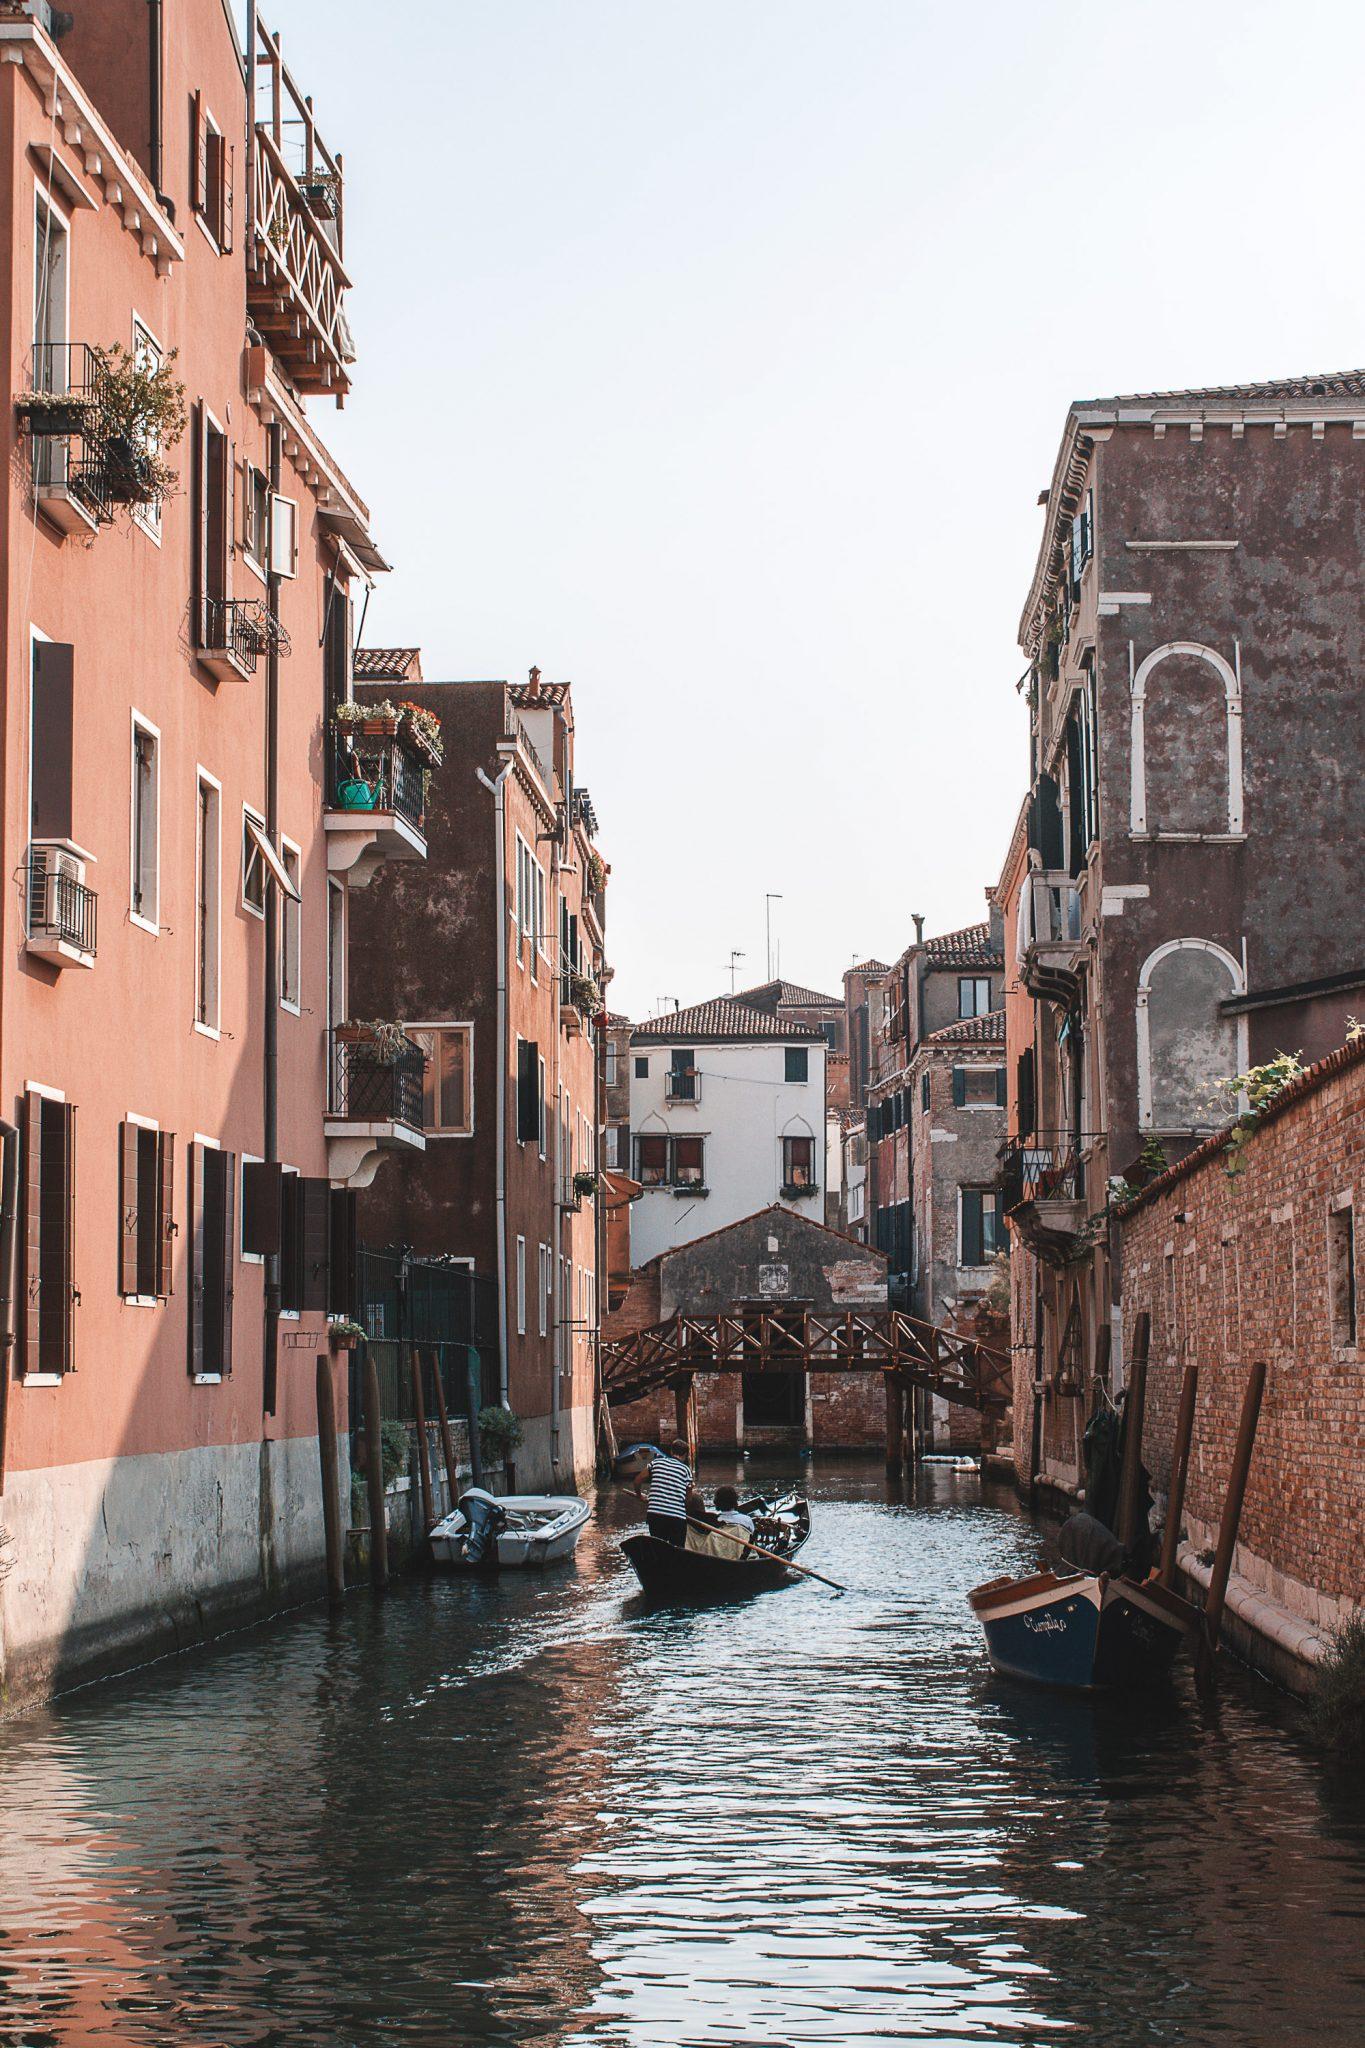 Dicas de hotéis baratos em Veneza